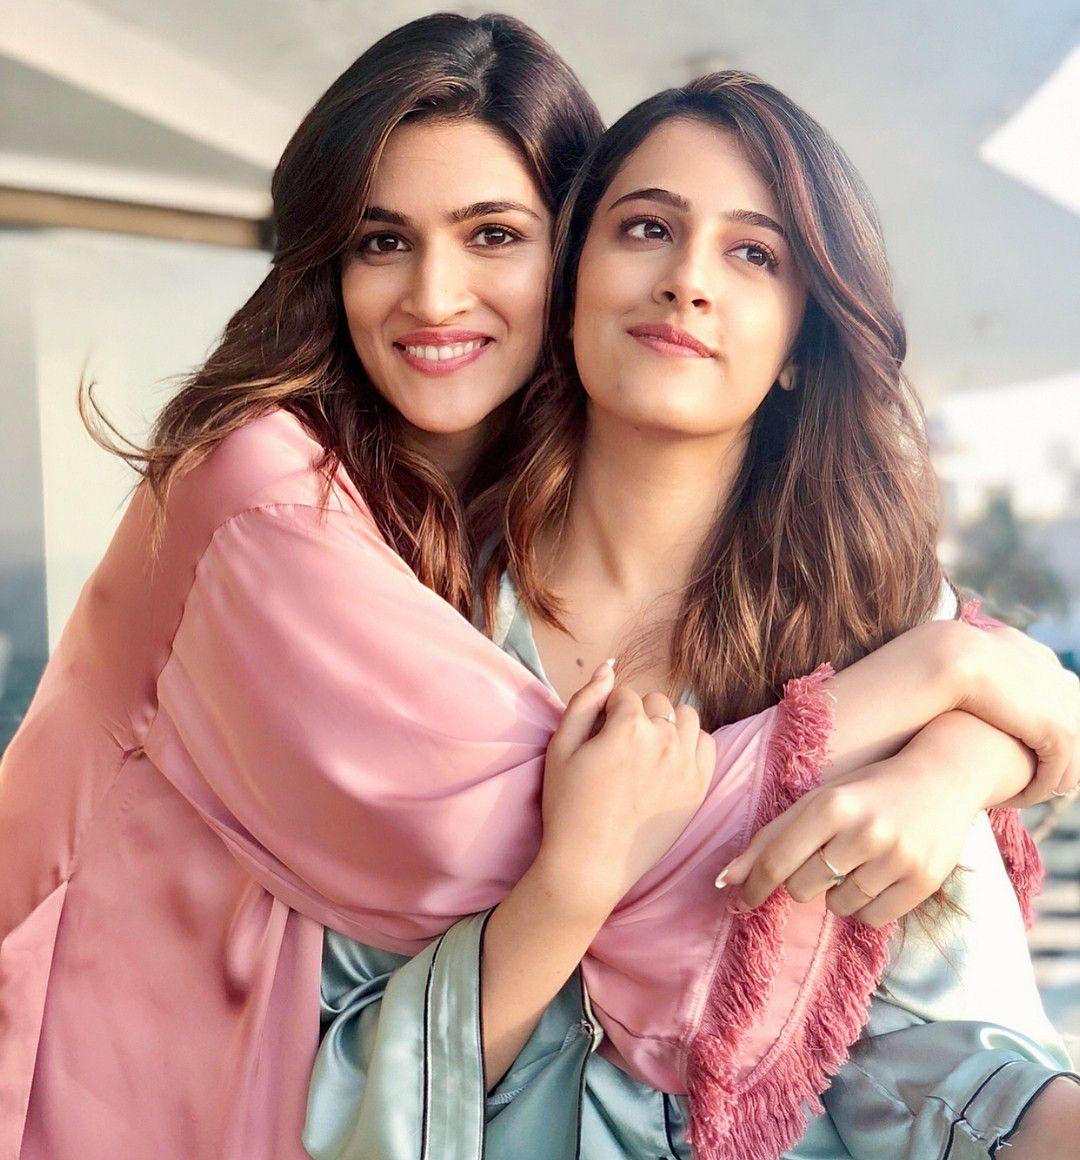 Gorgeous Kriti Sanon strikes a lovely pose with sister Nupur Sanon